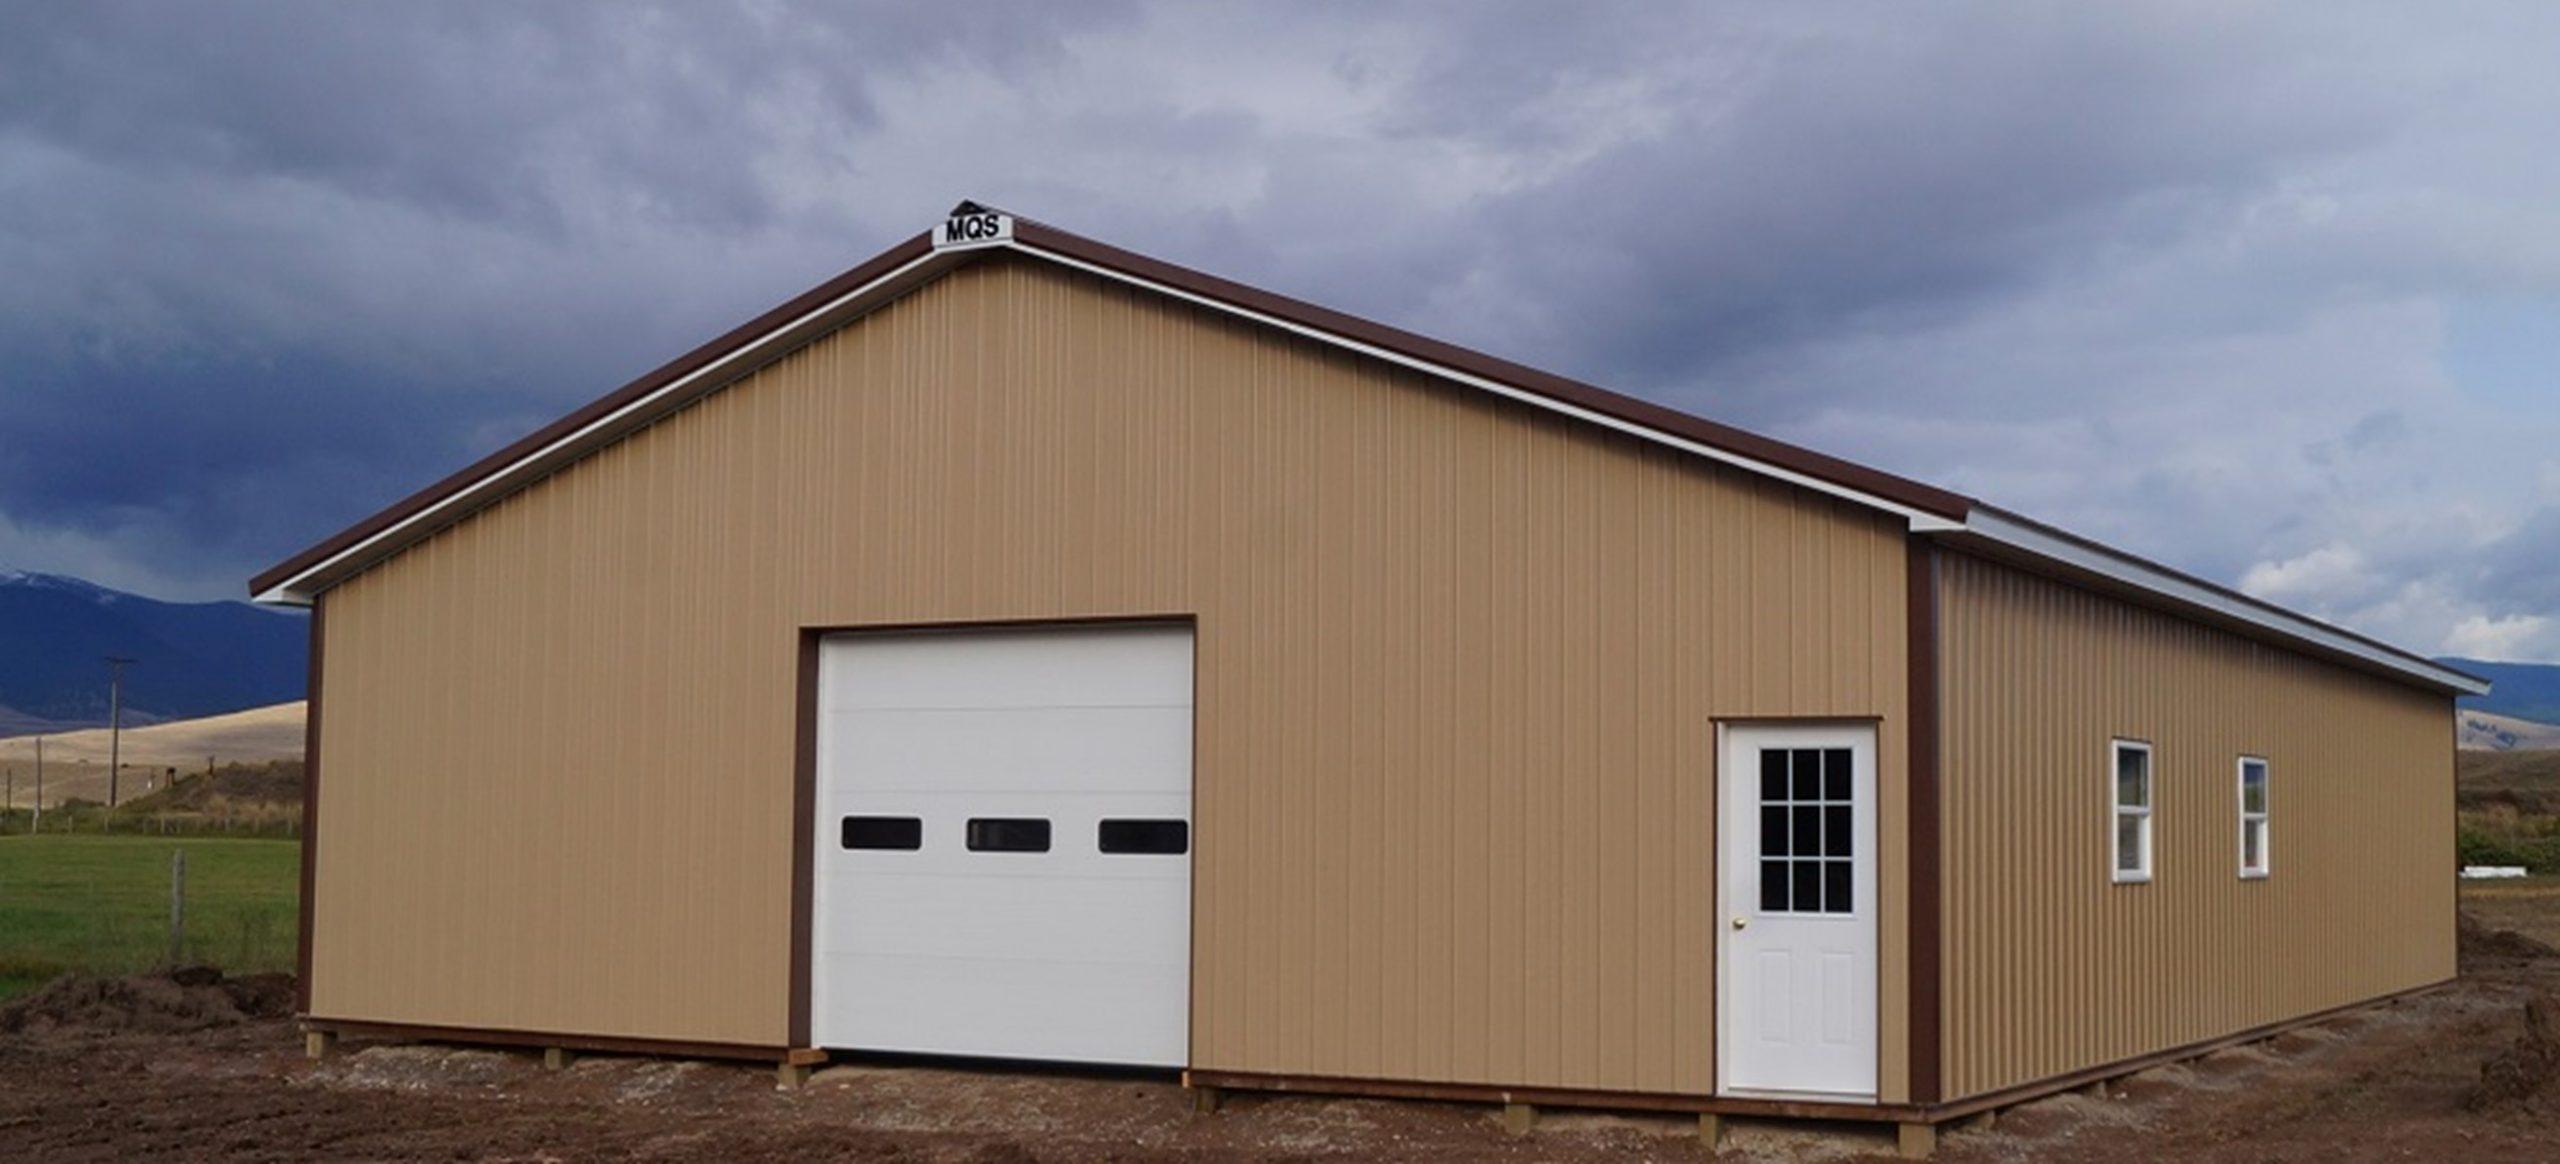 Ohio garages